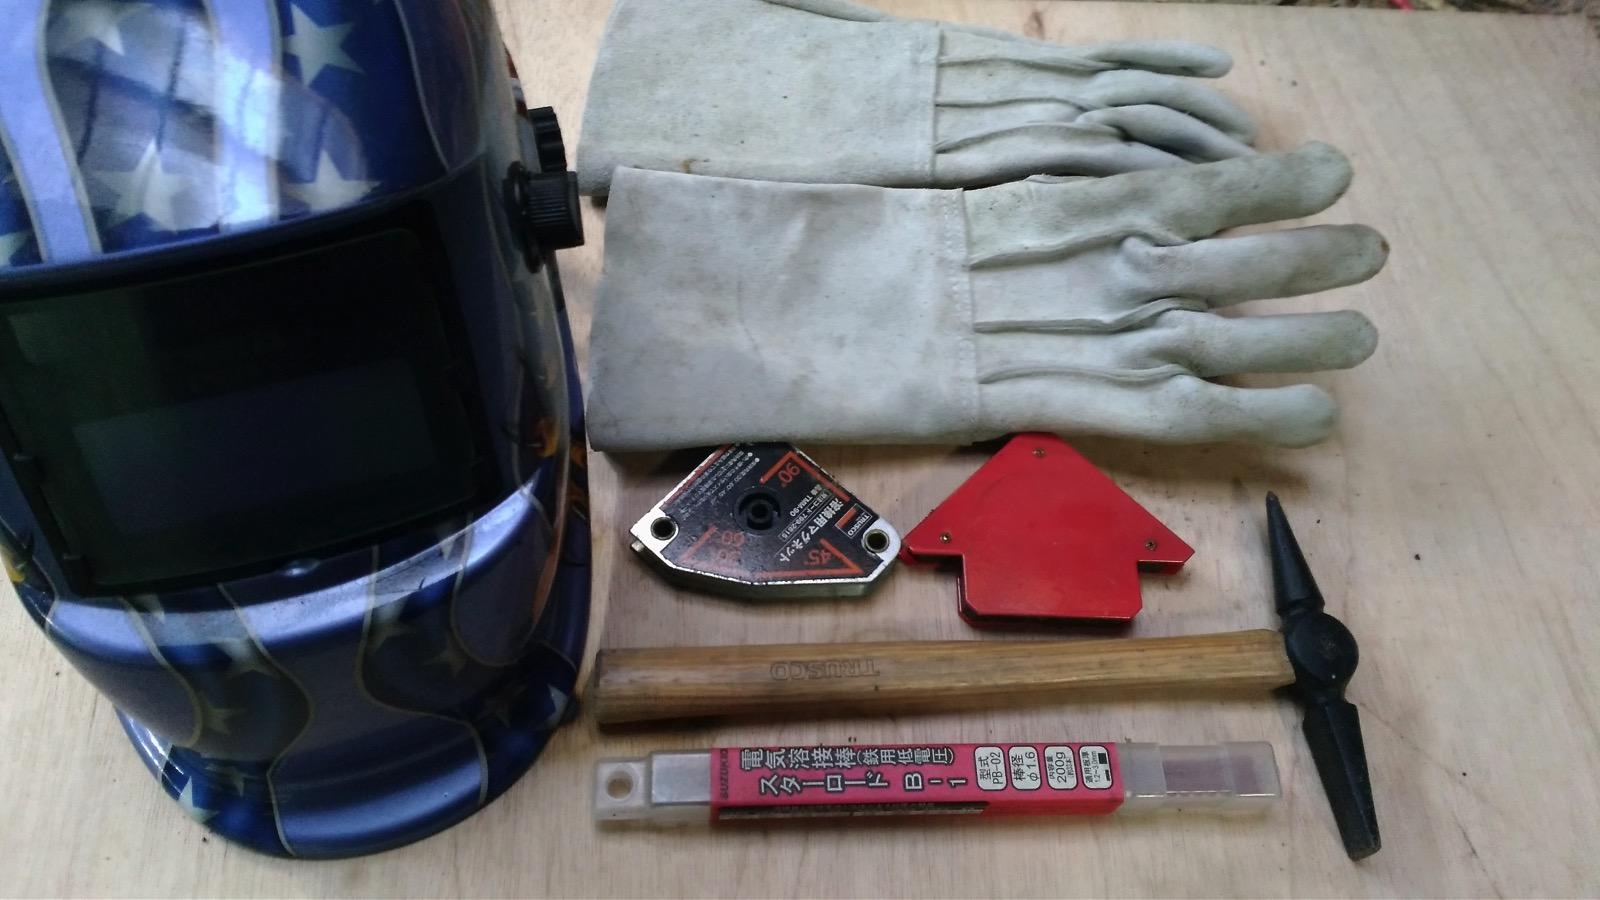 自動遮光面とその他溶接に使用した道具